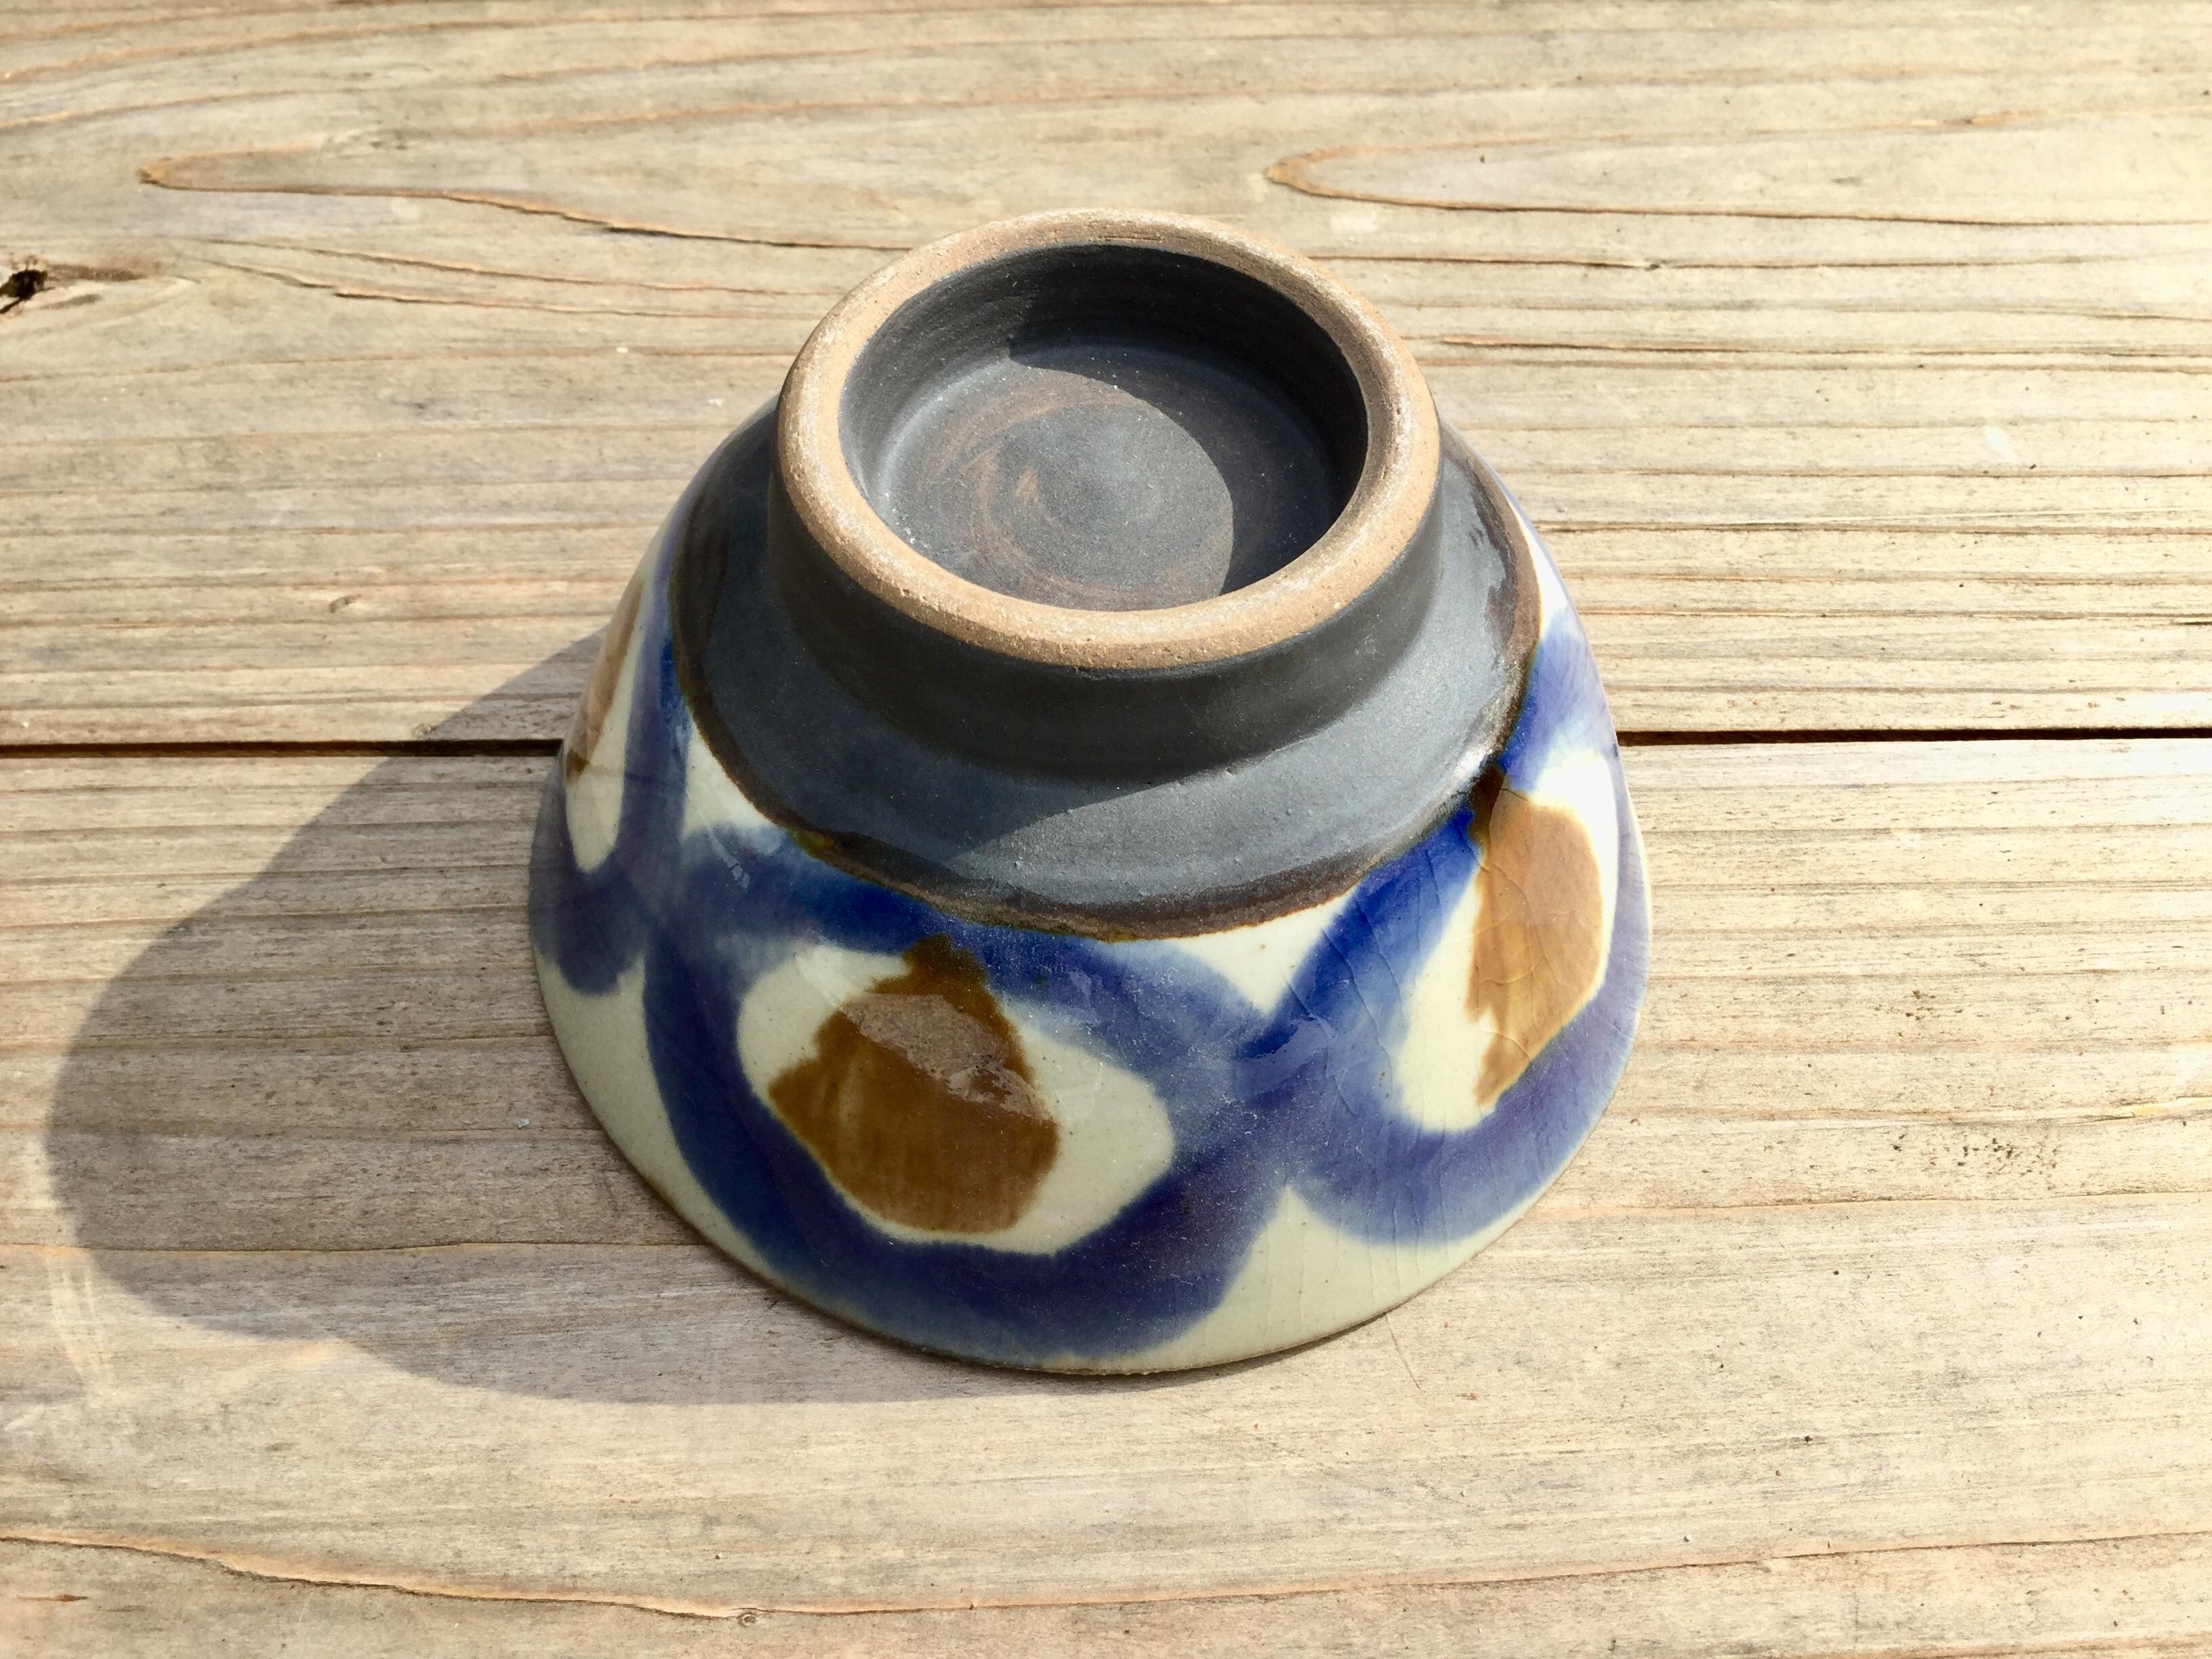 マカイ4寸コバルト ノモ陶器製作所